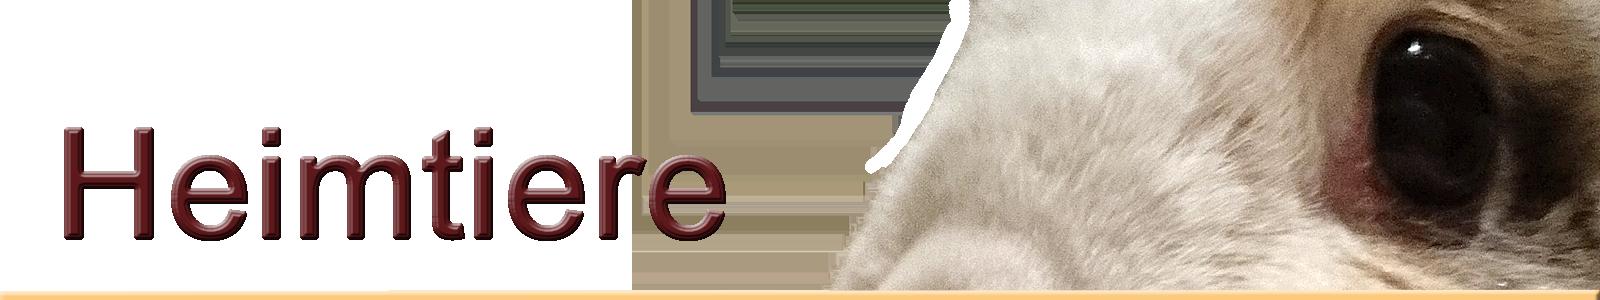 heimtiere